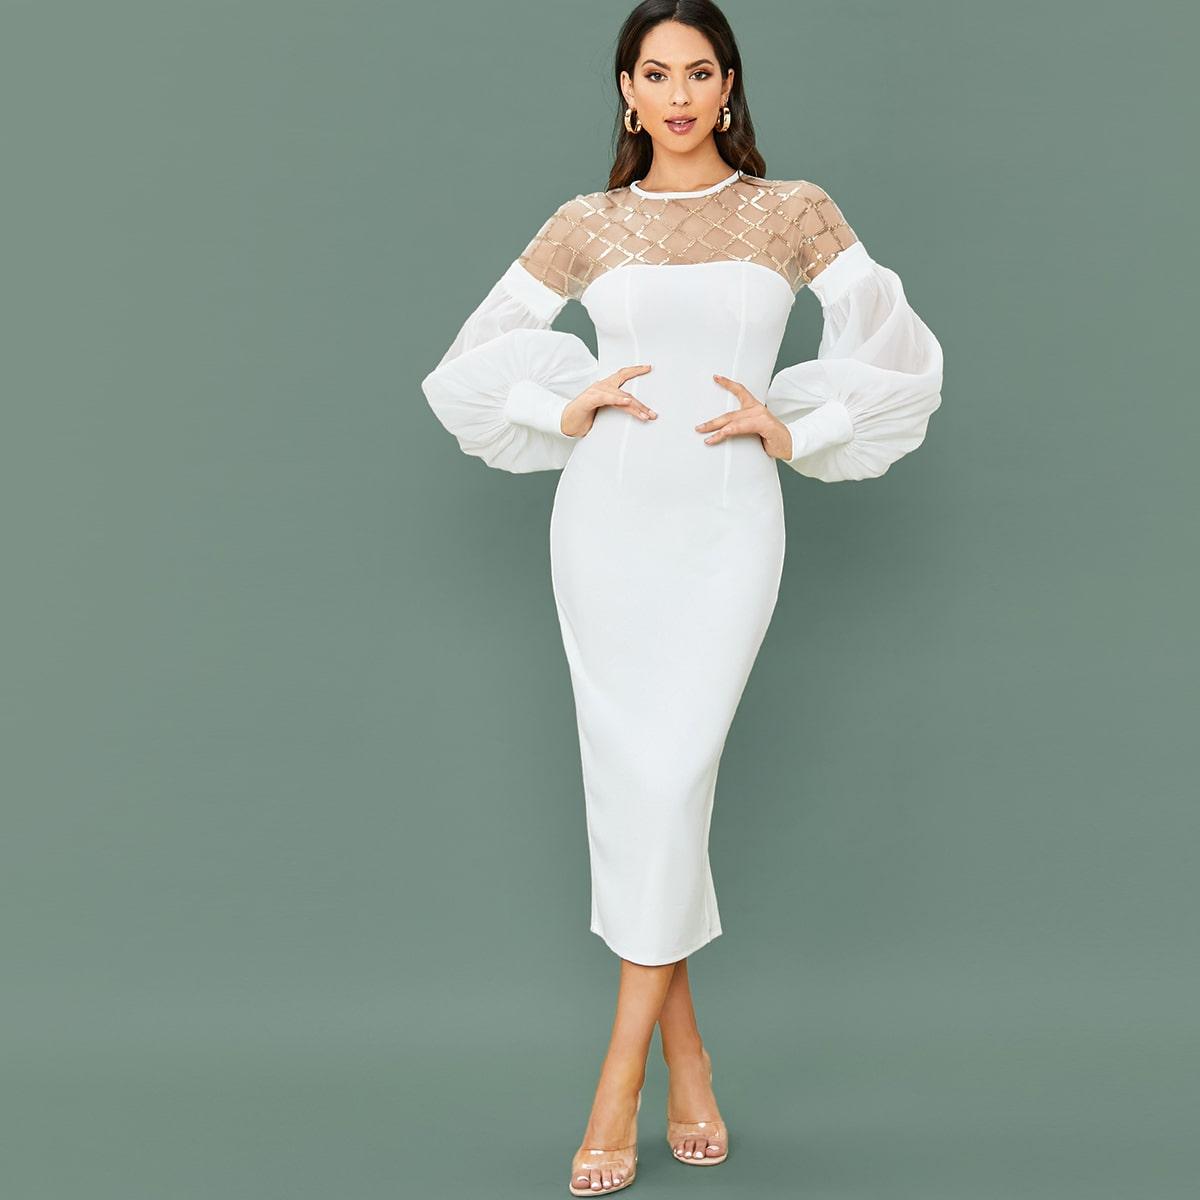 Платье с разрезом, сетчатой вставкой и блестками в клетку Image